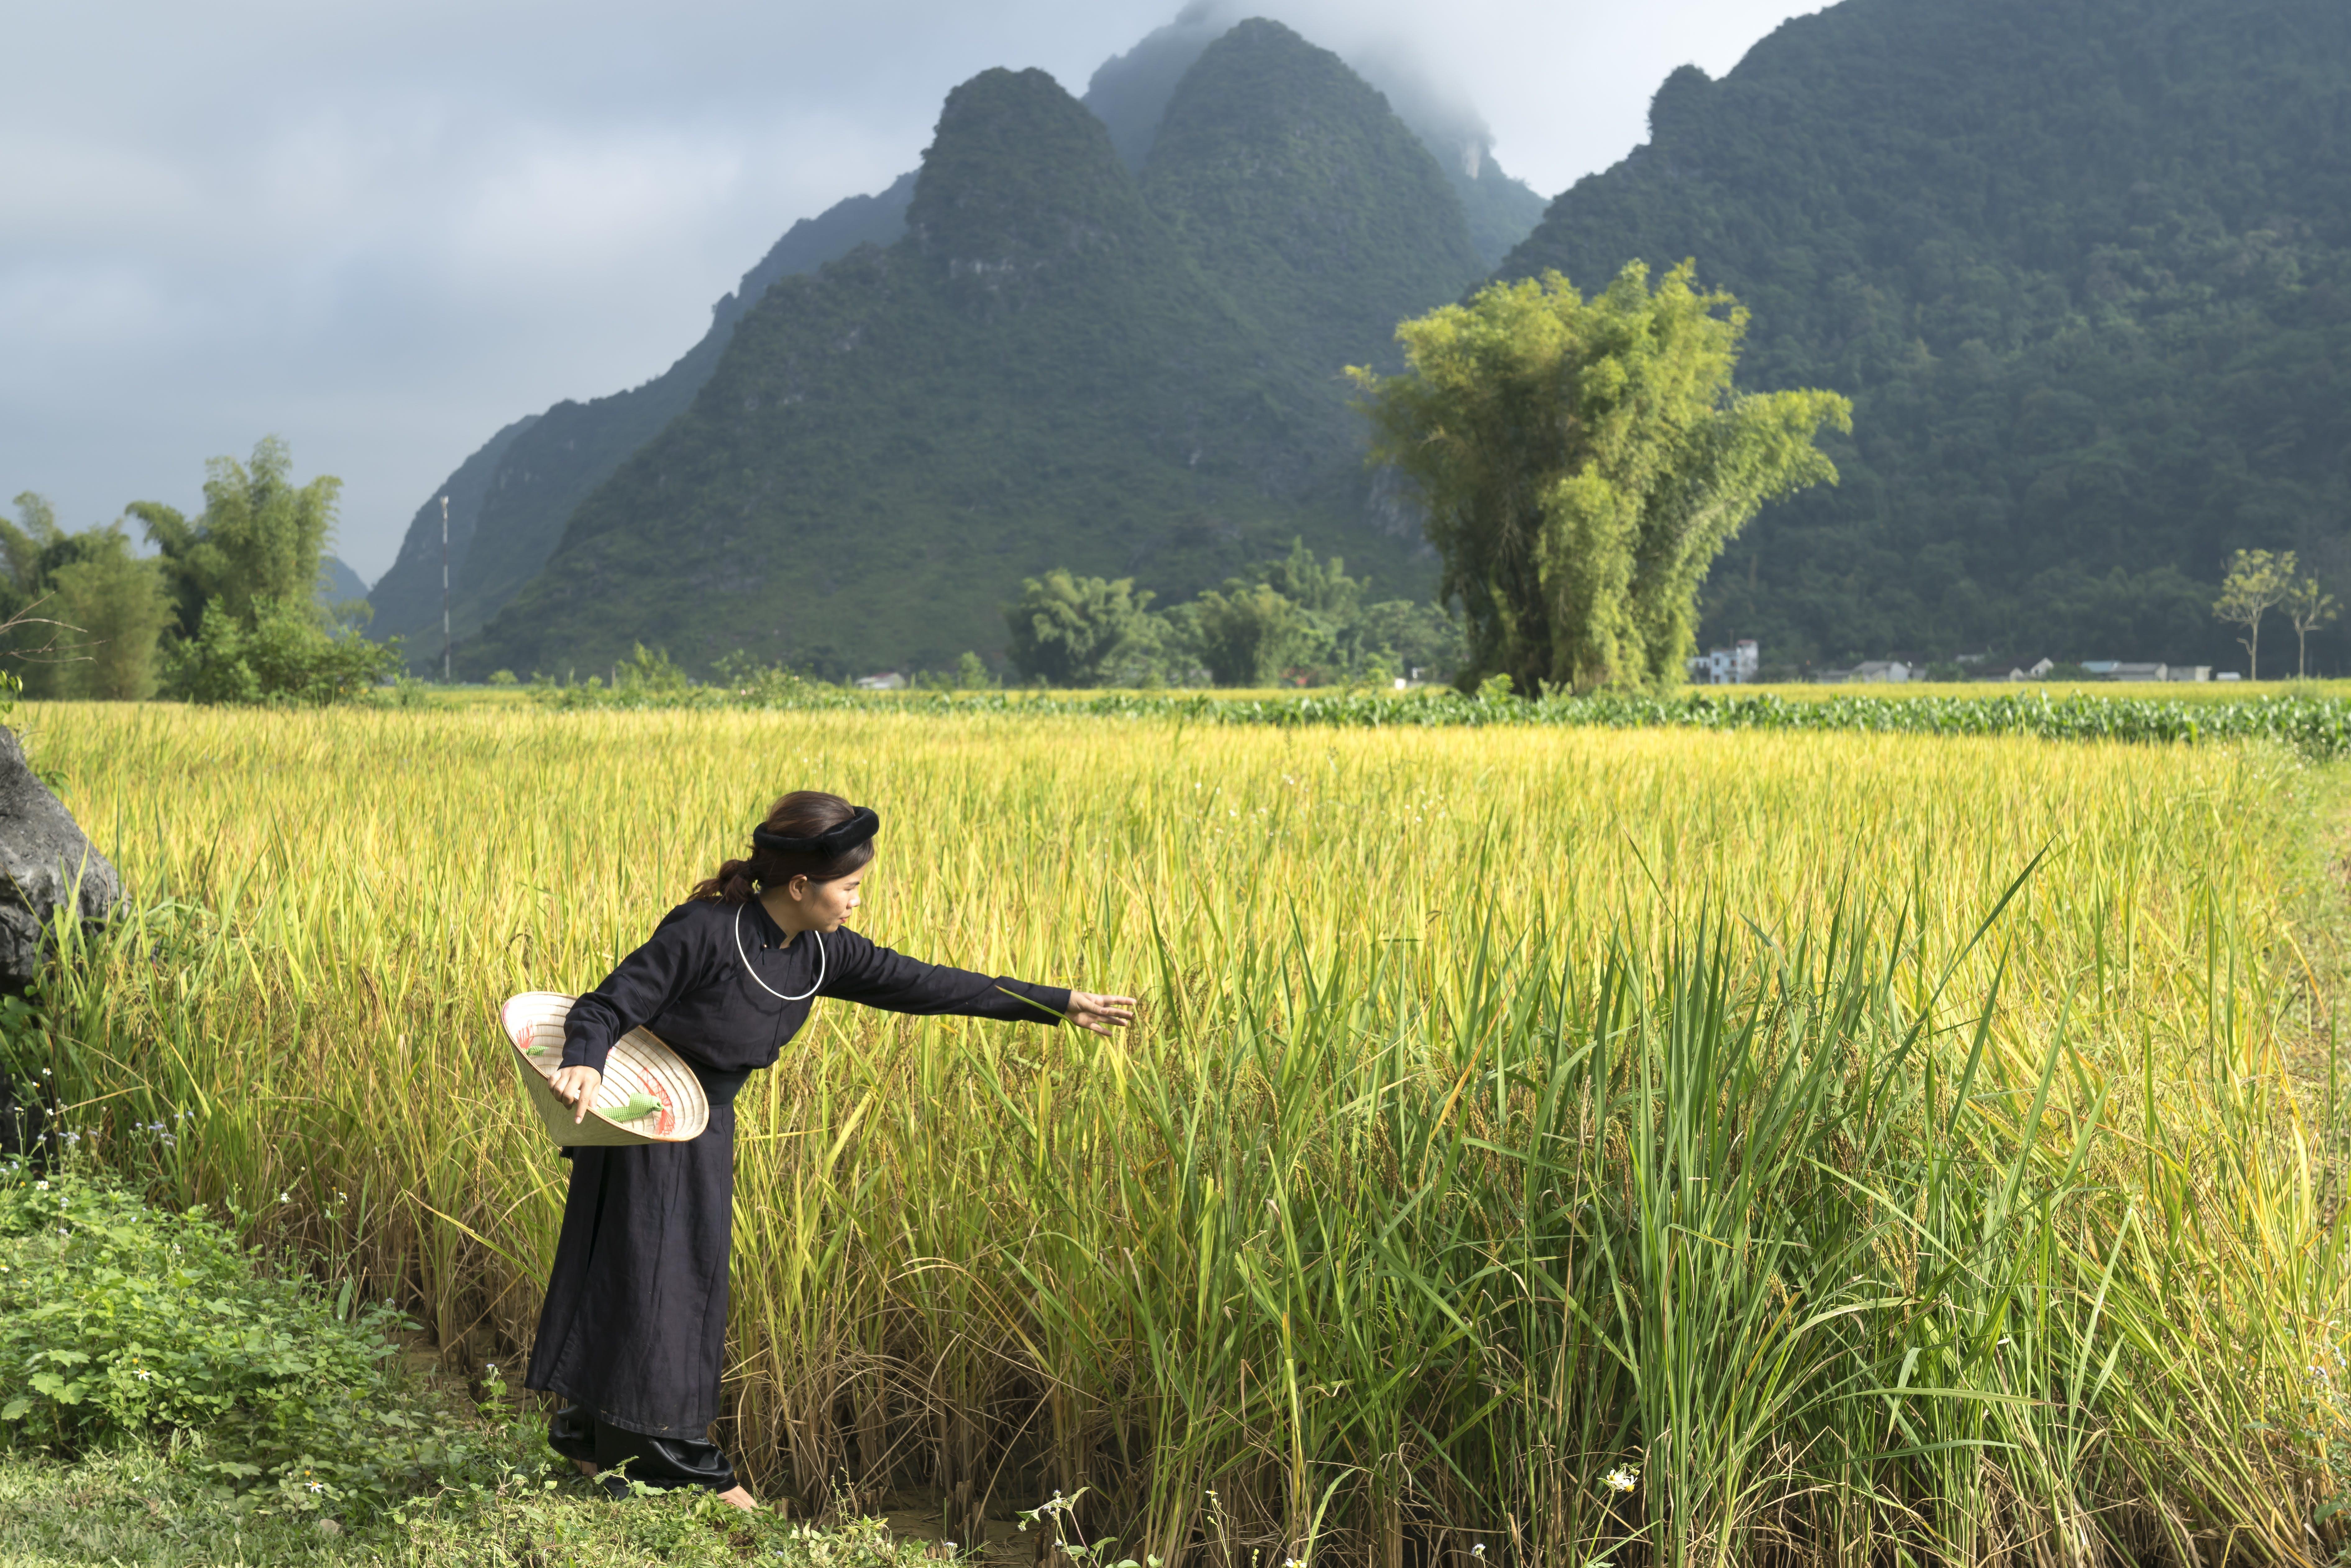 คลังภาพถ่ายฟรี ของ การเกษตร, ข้าวเปลือก, ชนบท, ทุ่งเลี้ยงสัตว์